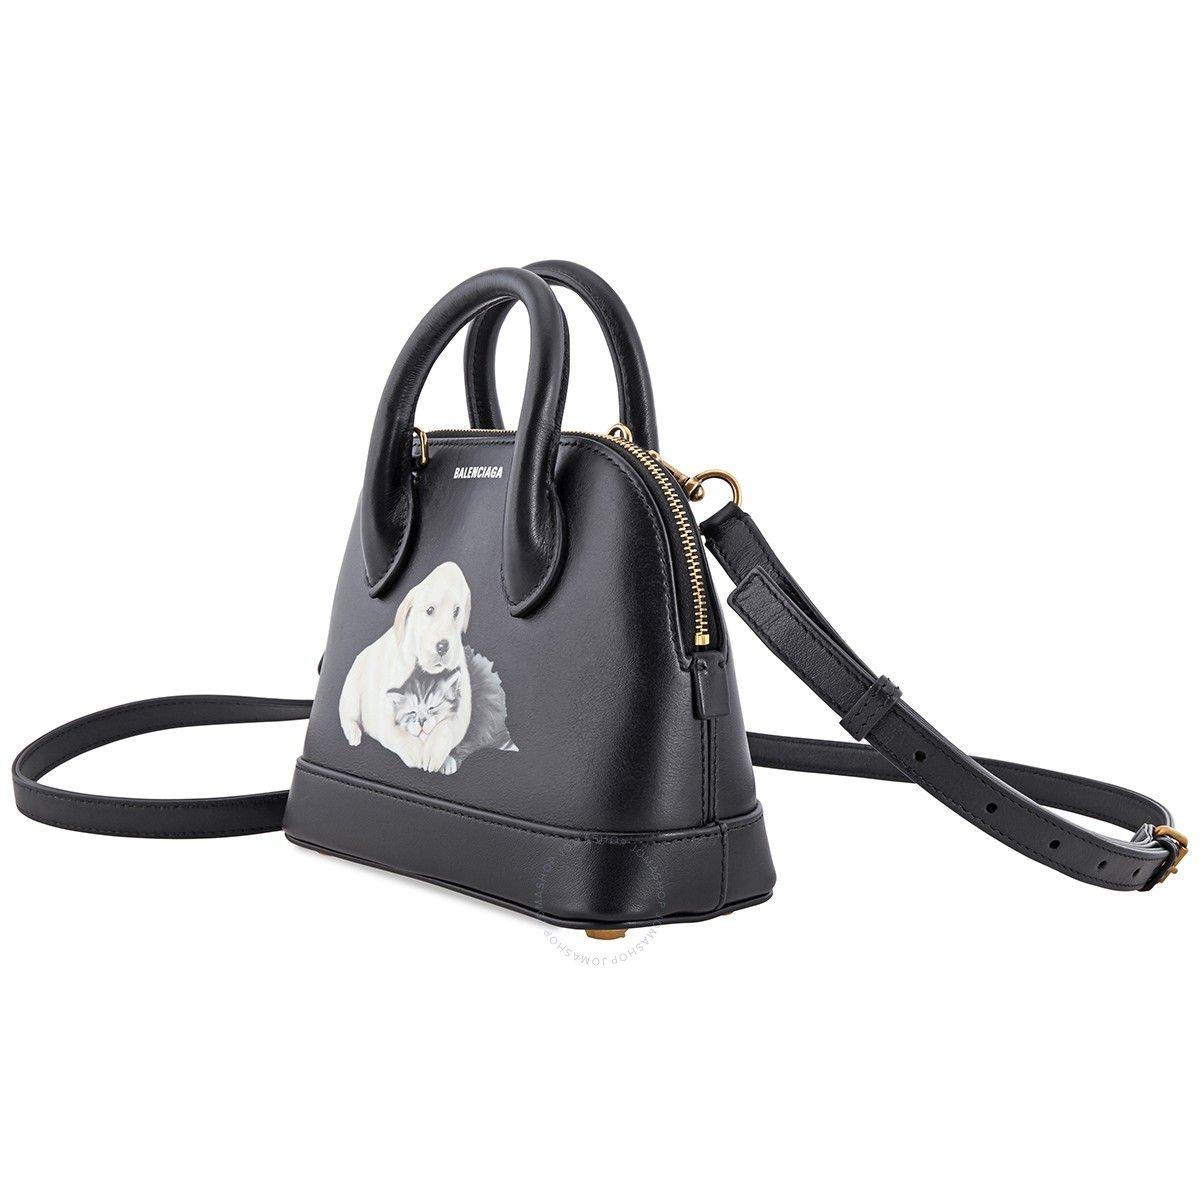 Balenciaga Ladies Puppy And Kitten Ville Top Handle Bag Balenciaga Handbags Jomashop In 2020 Bags Balenciaga Clutch Balenciaga